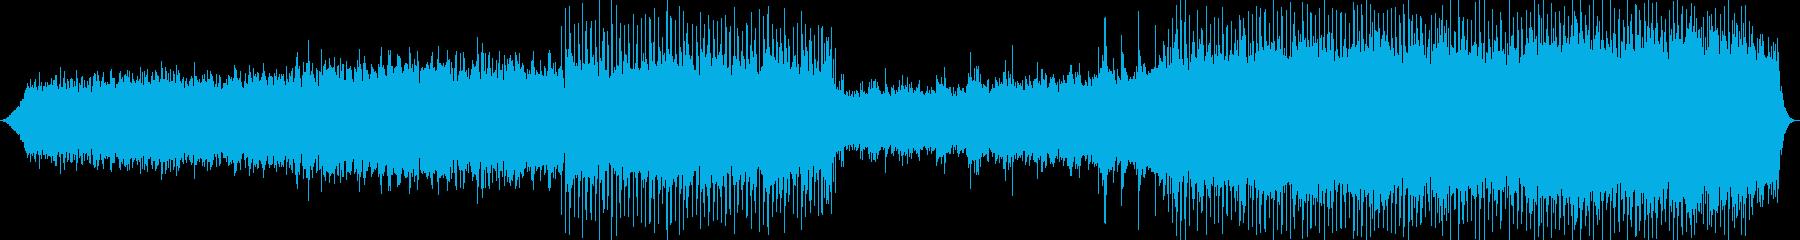 美しいメロディーのヒーリング系バラードの再生済みの波形